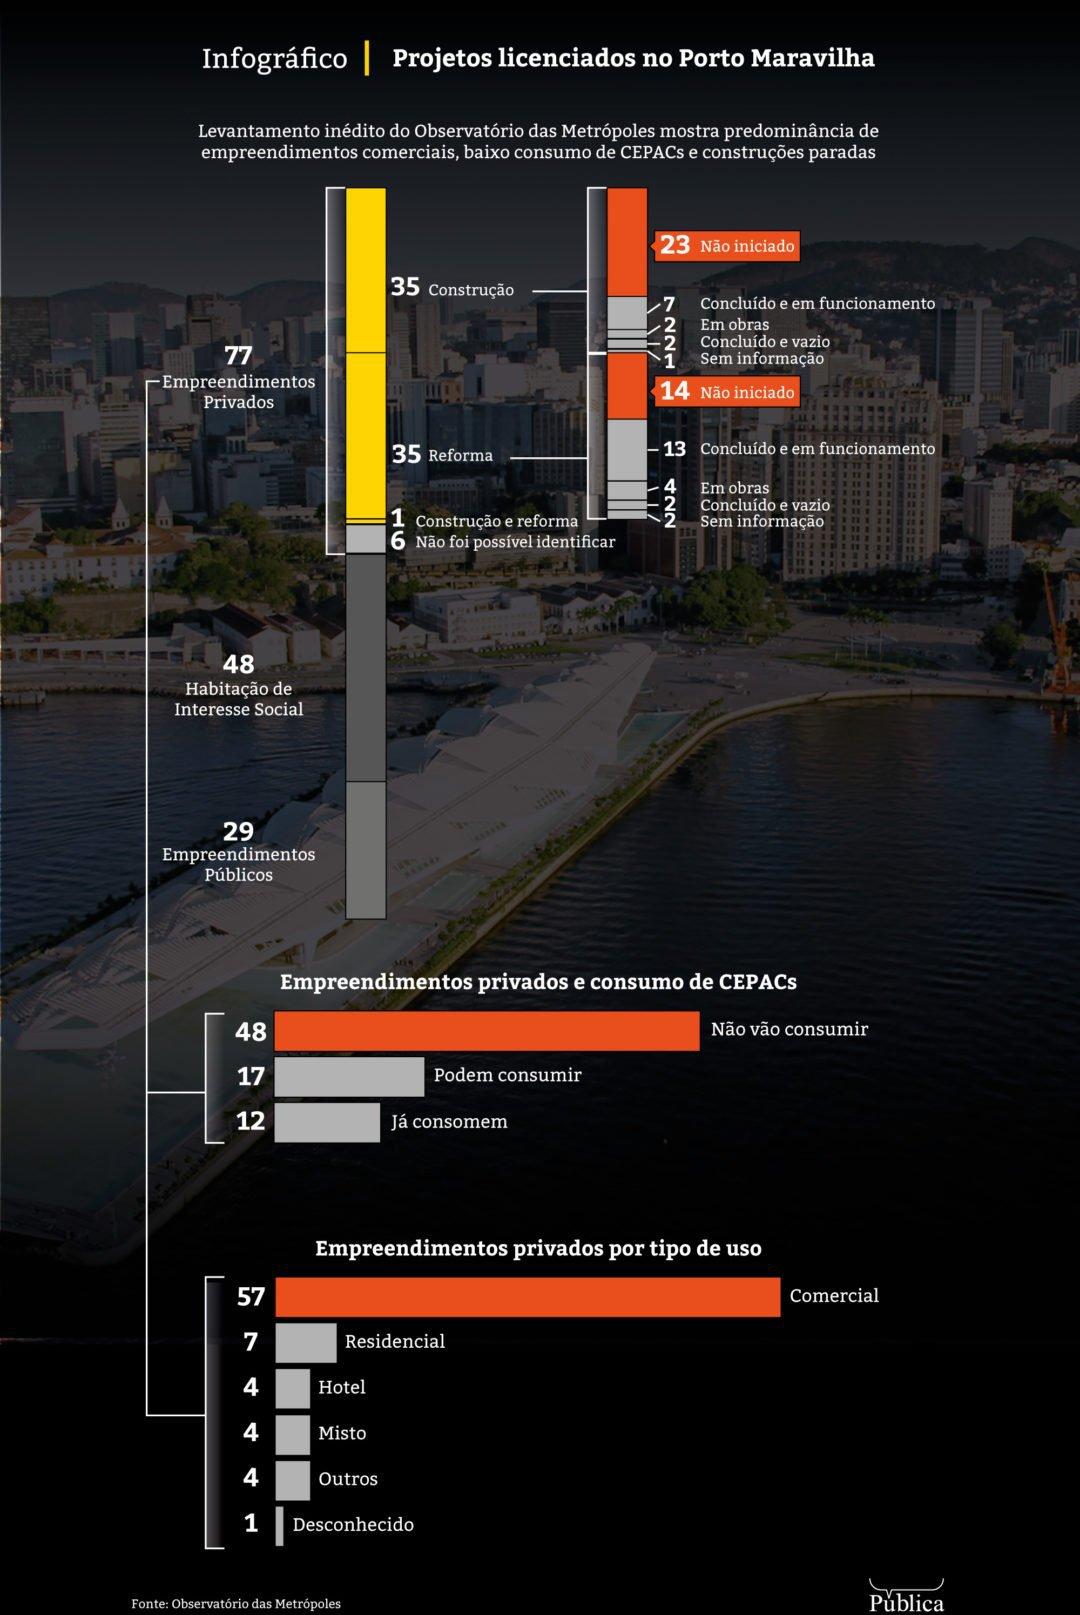 Obras-Porto-Maravilha-Infografico-1080x1615